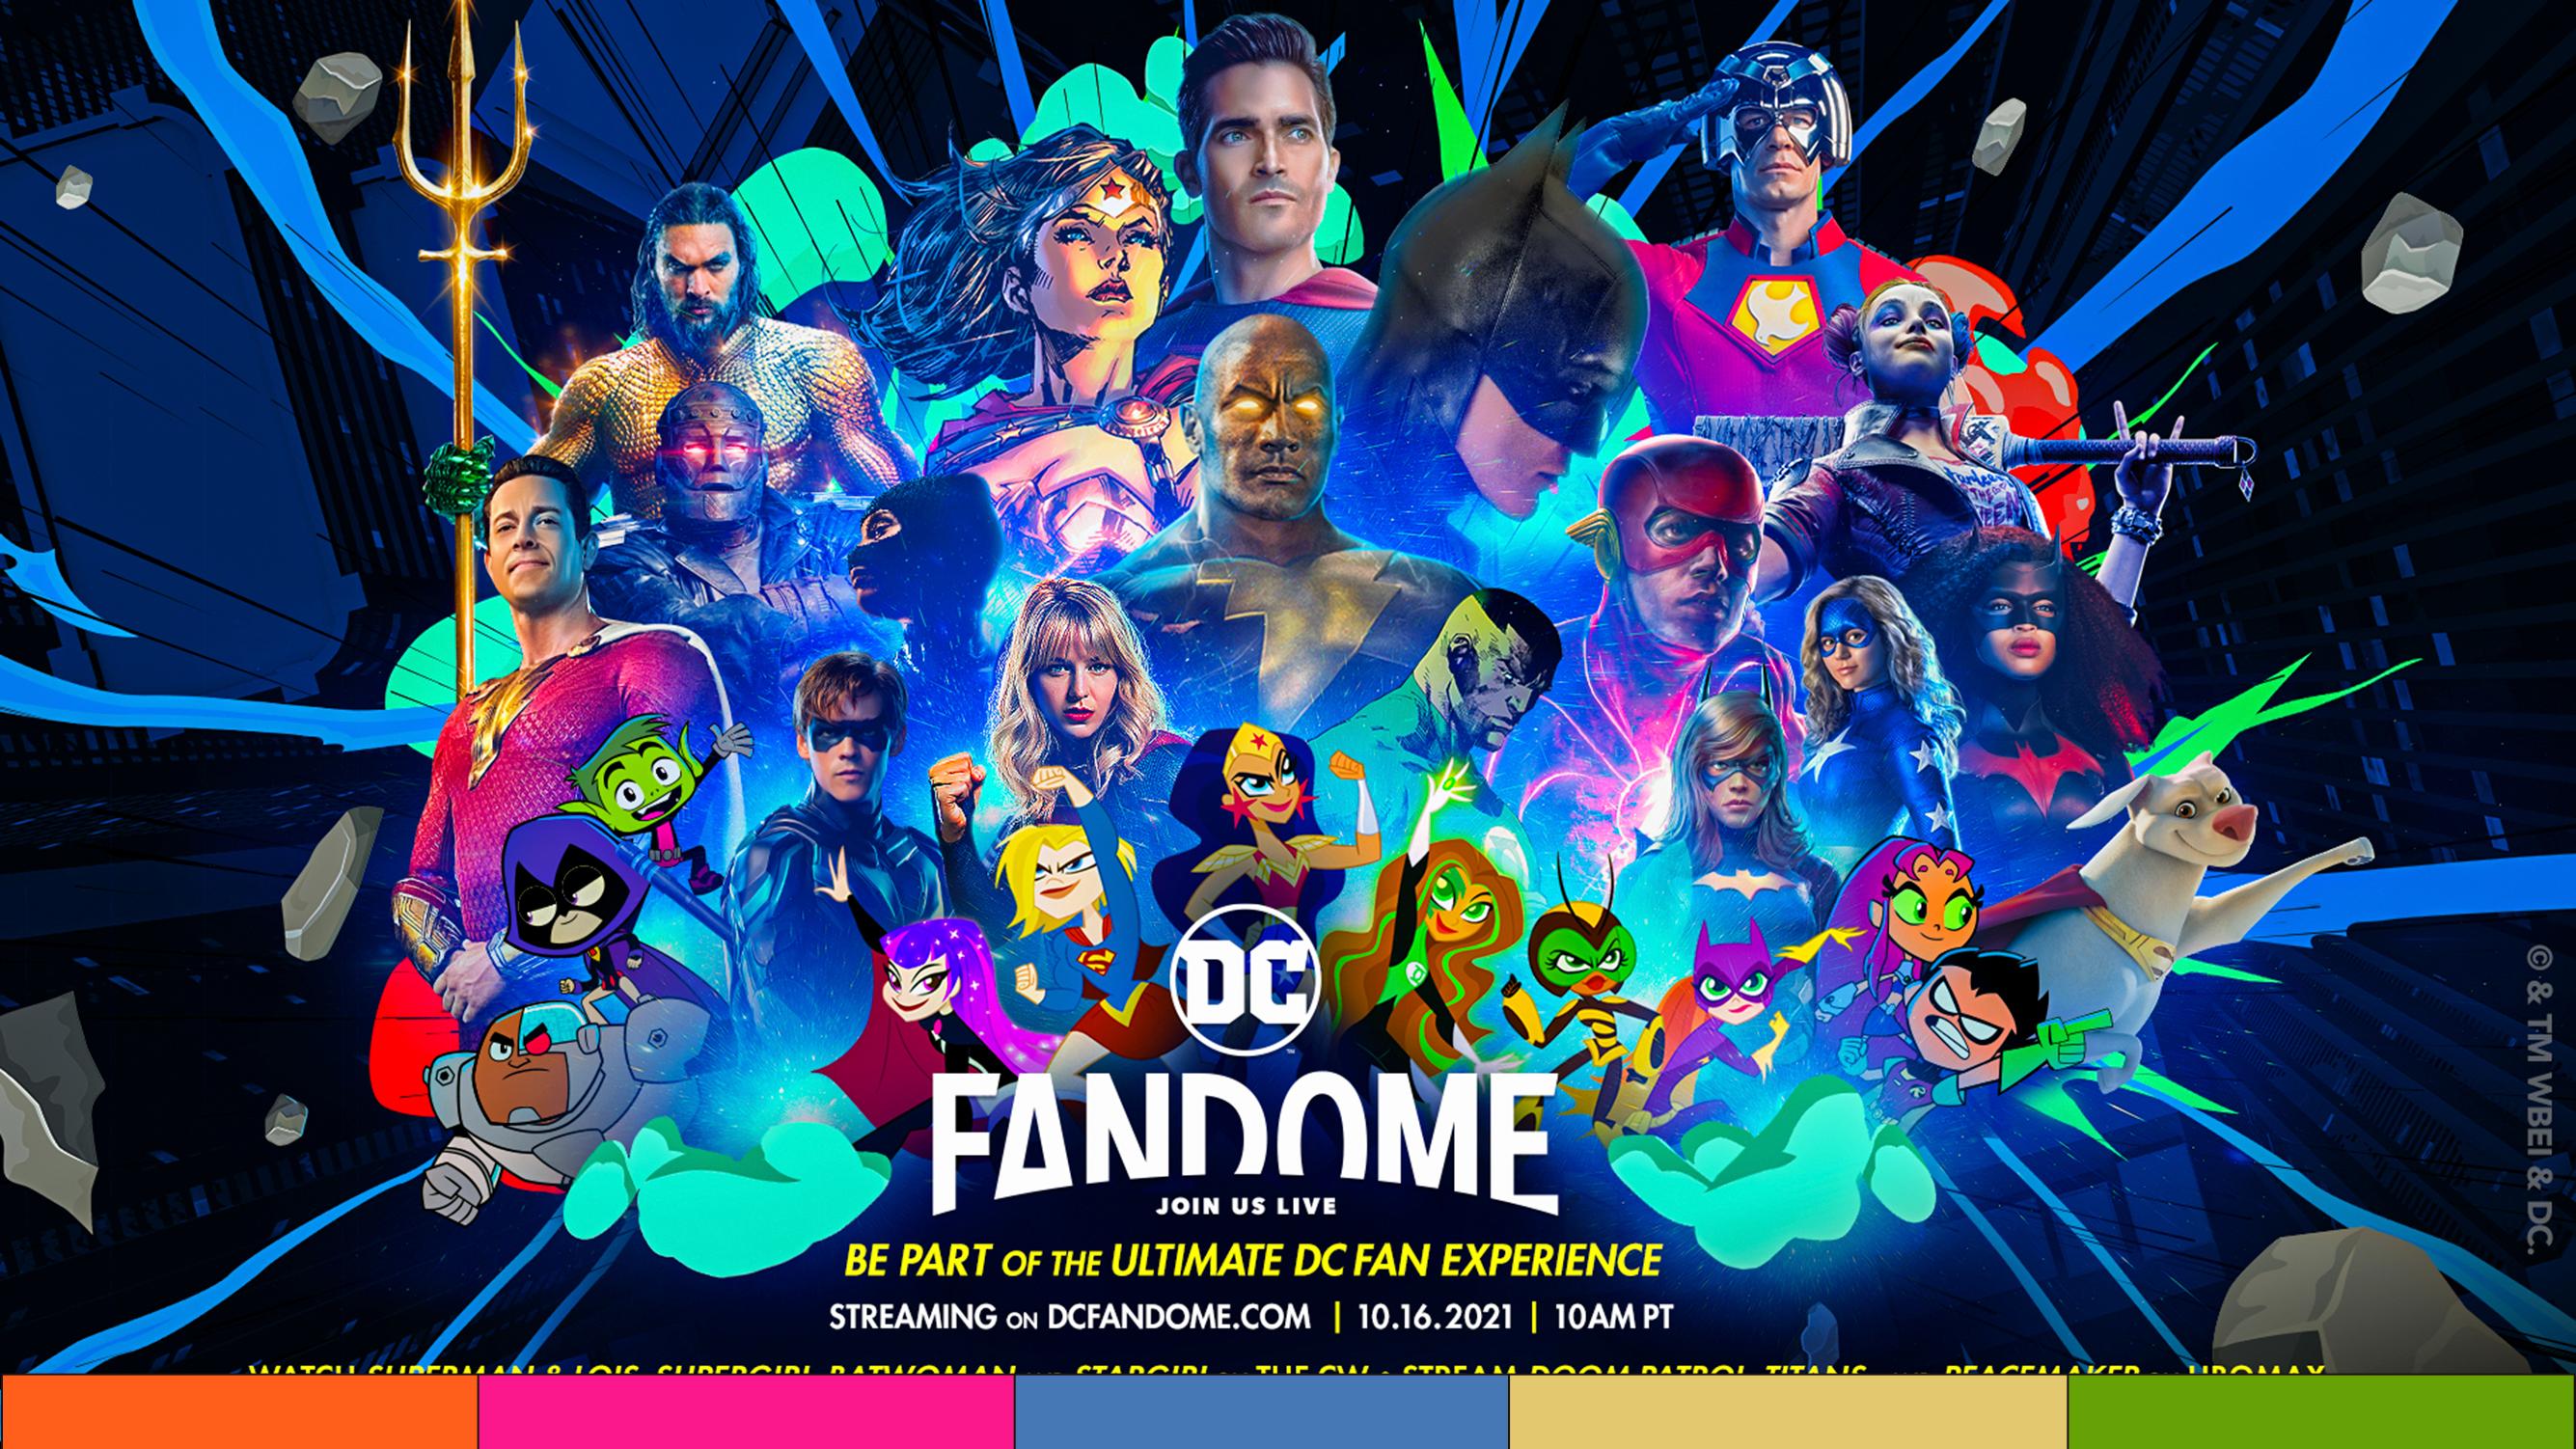 Experiencia DC Fandome regresa en octubre